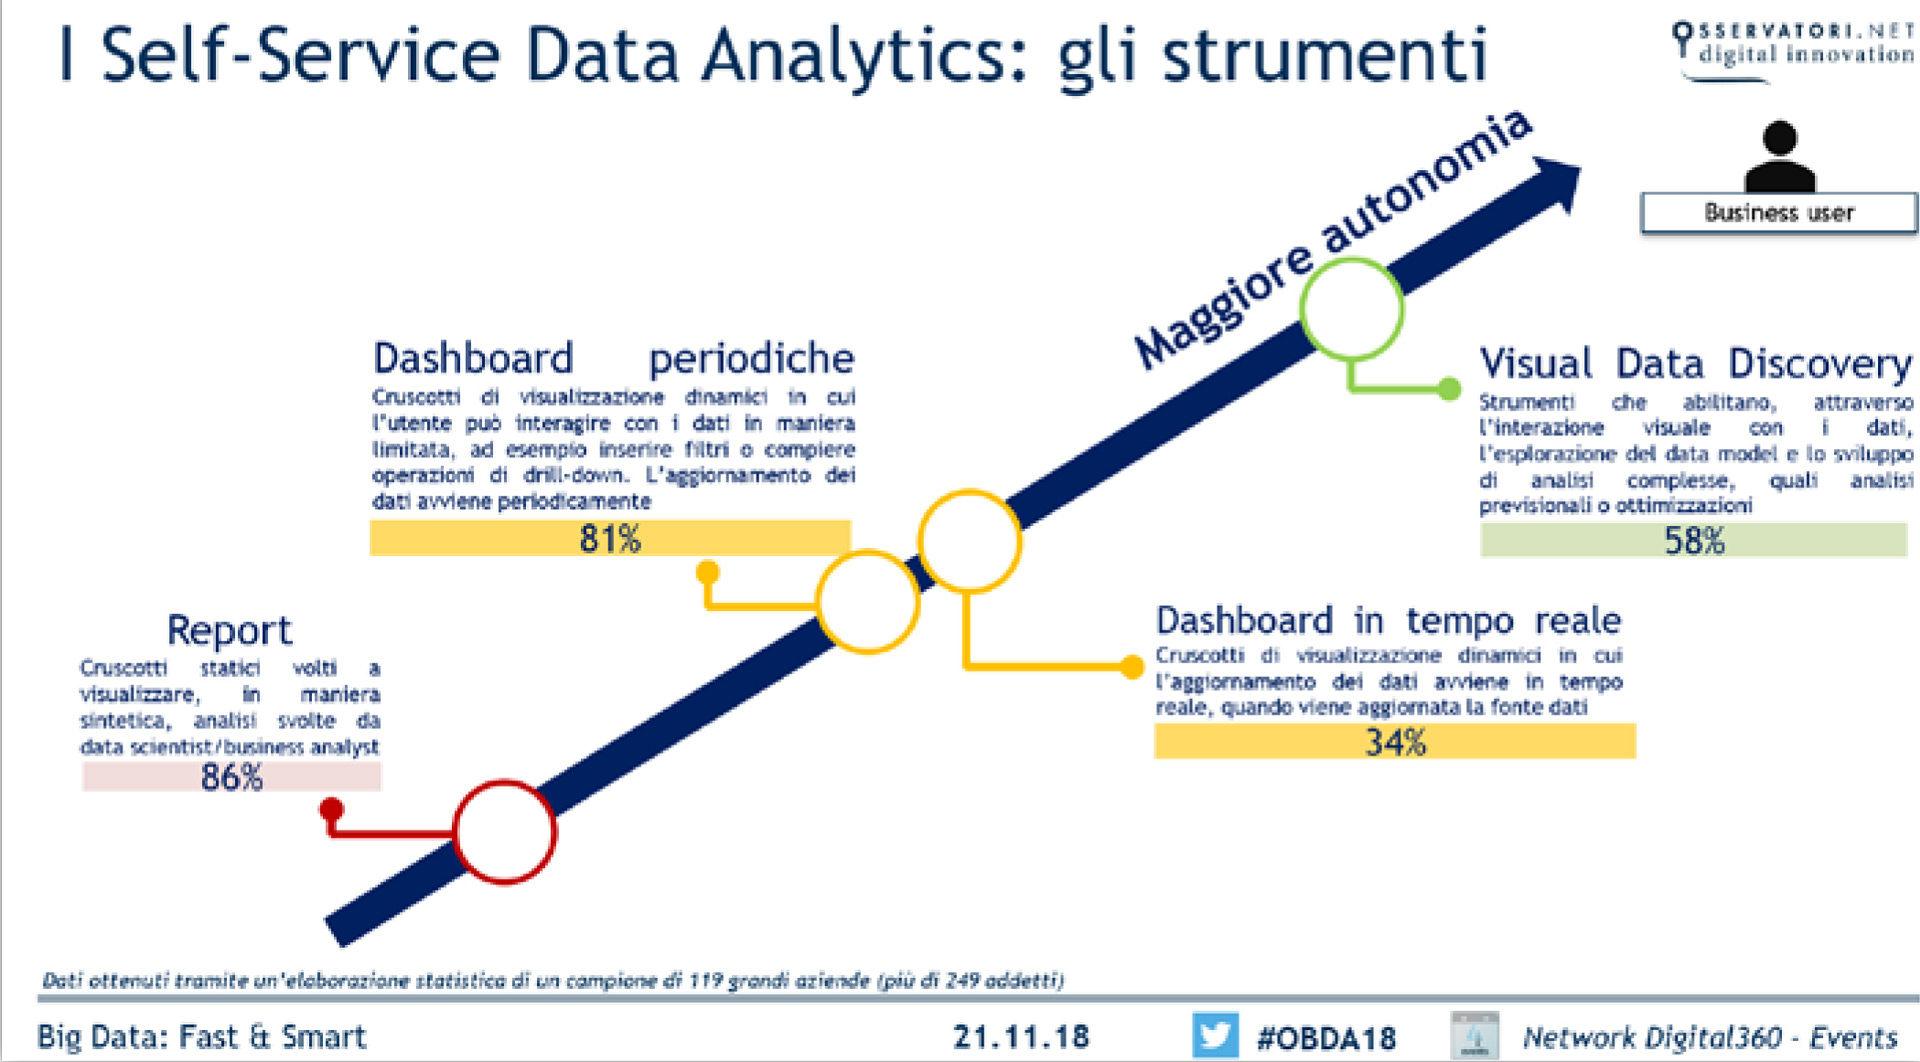 Grafico che rappresenta gli strumenti di Self-service data analytics